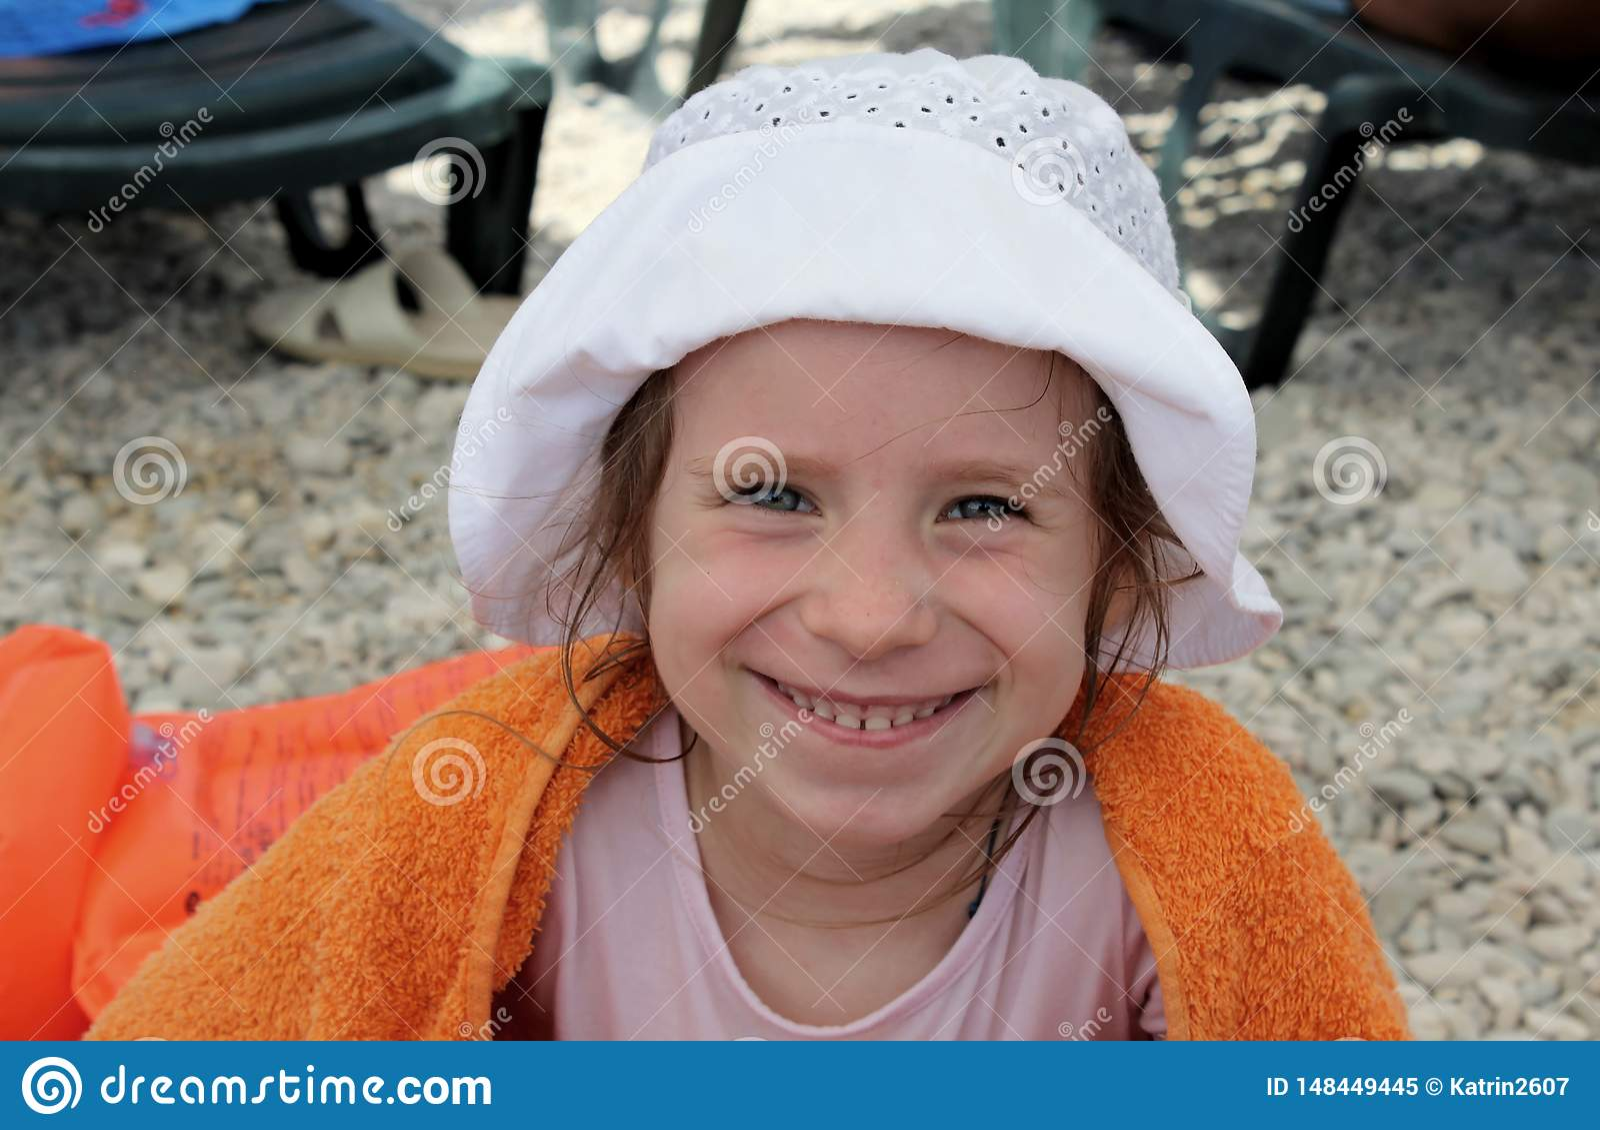 Smiling girl in orange towel